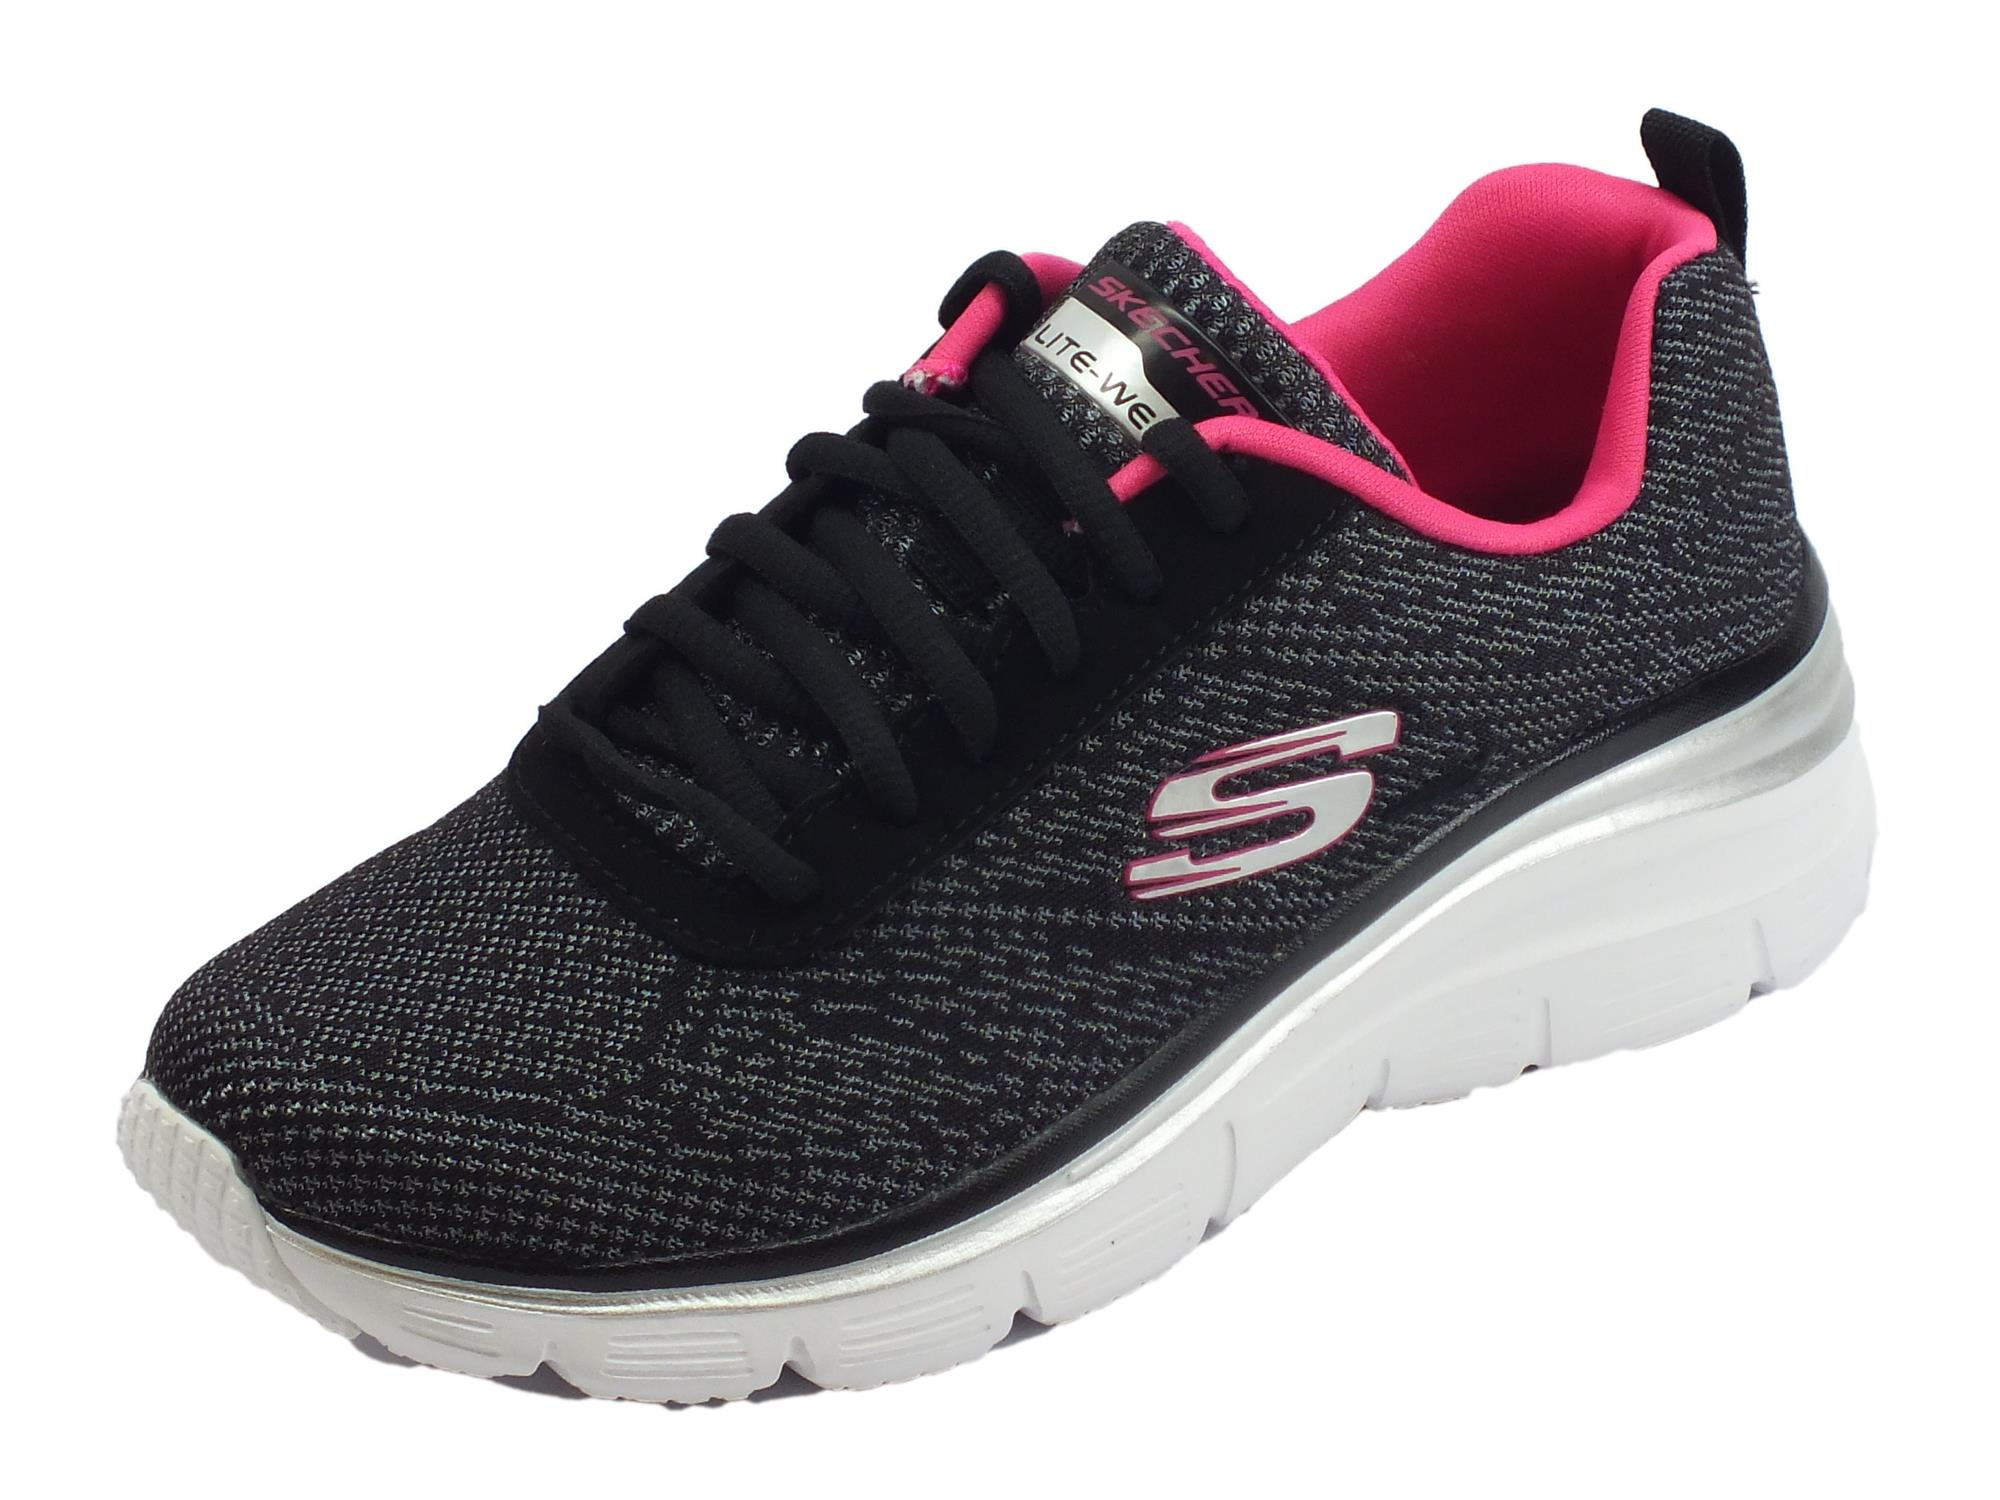 Skechers Fashion Fit Bold Boundaries Scarpe Sportive per donna nere e rosa  acceso